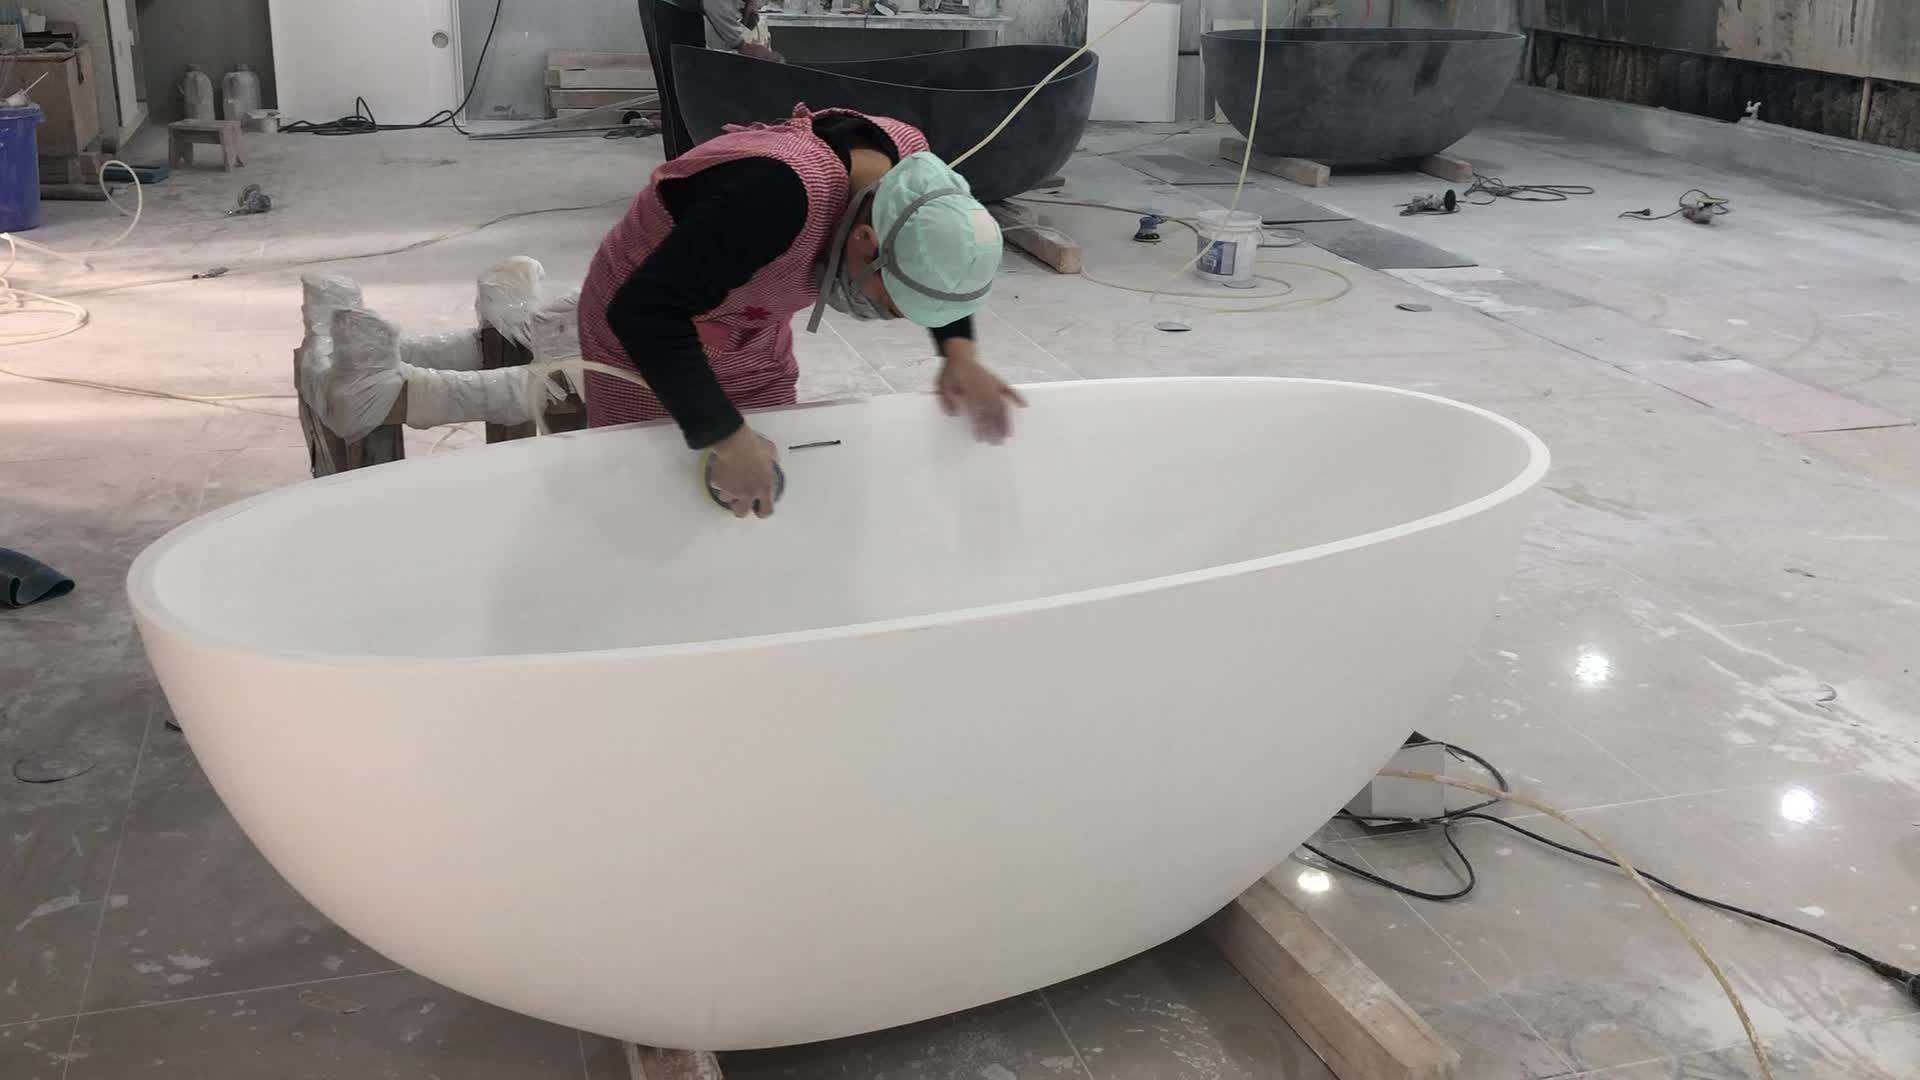 Oval diseño mármol artificial soporte libre soaker baño personalizado de piedra de resina compuesta bañera fundición de piedra de superficie sólida bañera